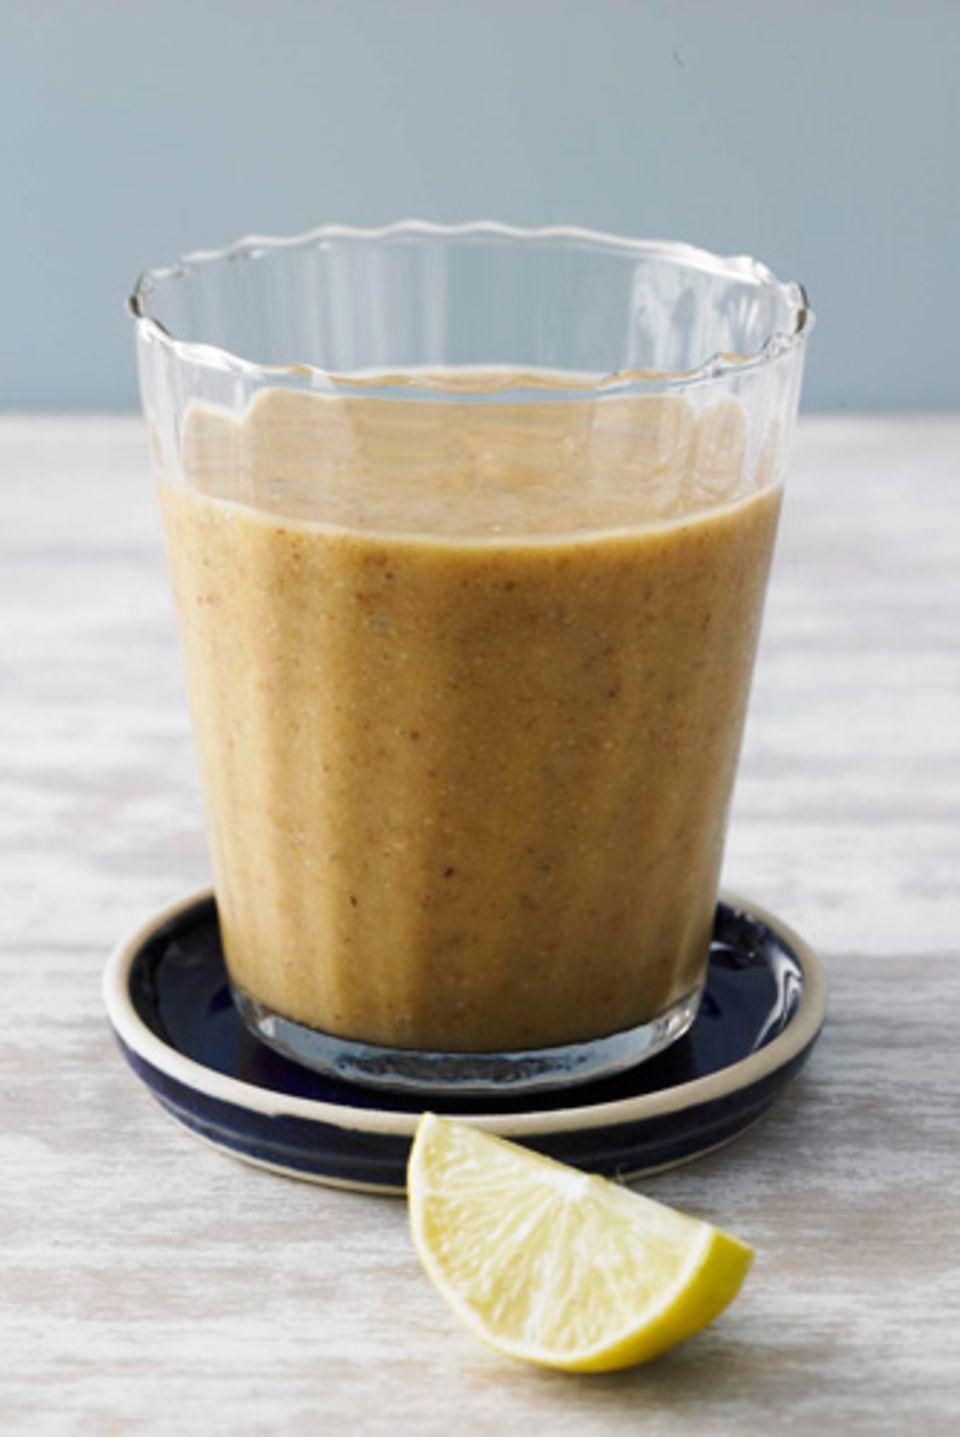 Veganer Mix: Hier kommen Mango, getrocknete Feigen, Erdmandelflocken, Mandel- oder Haselnussmilch und Zitronensaft ins Rotieren. Ein Glas deckt gut ein Viertel der täglich empfohlenen Ballaststoffzufuhr von 30 Gramm. Zum Rezept: Mandel-Mango-Smoothie